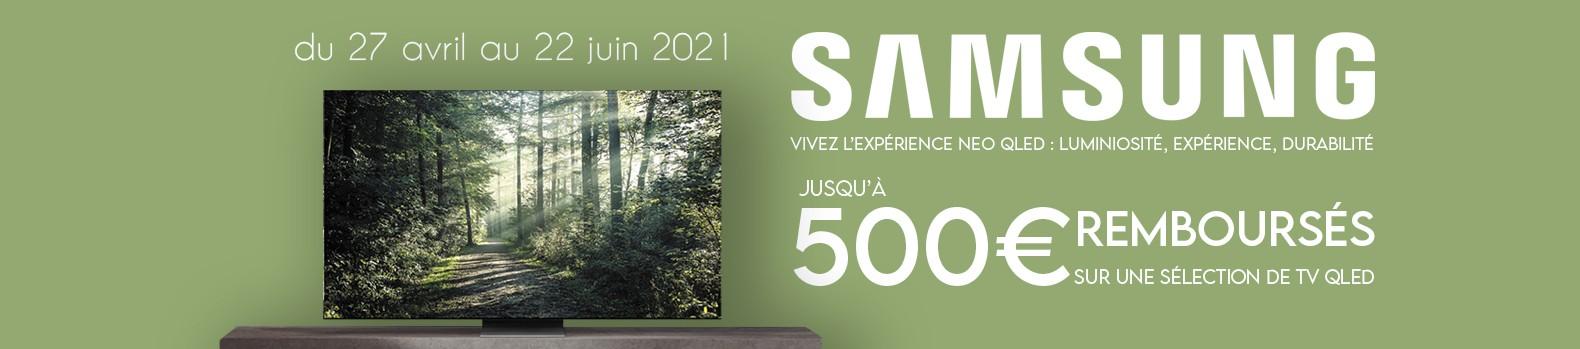 Jusqu'à 500 € remboursés jusqu'au 22 juin 2021 sur les TV Neo QLED